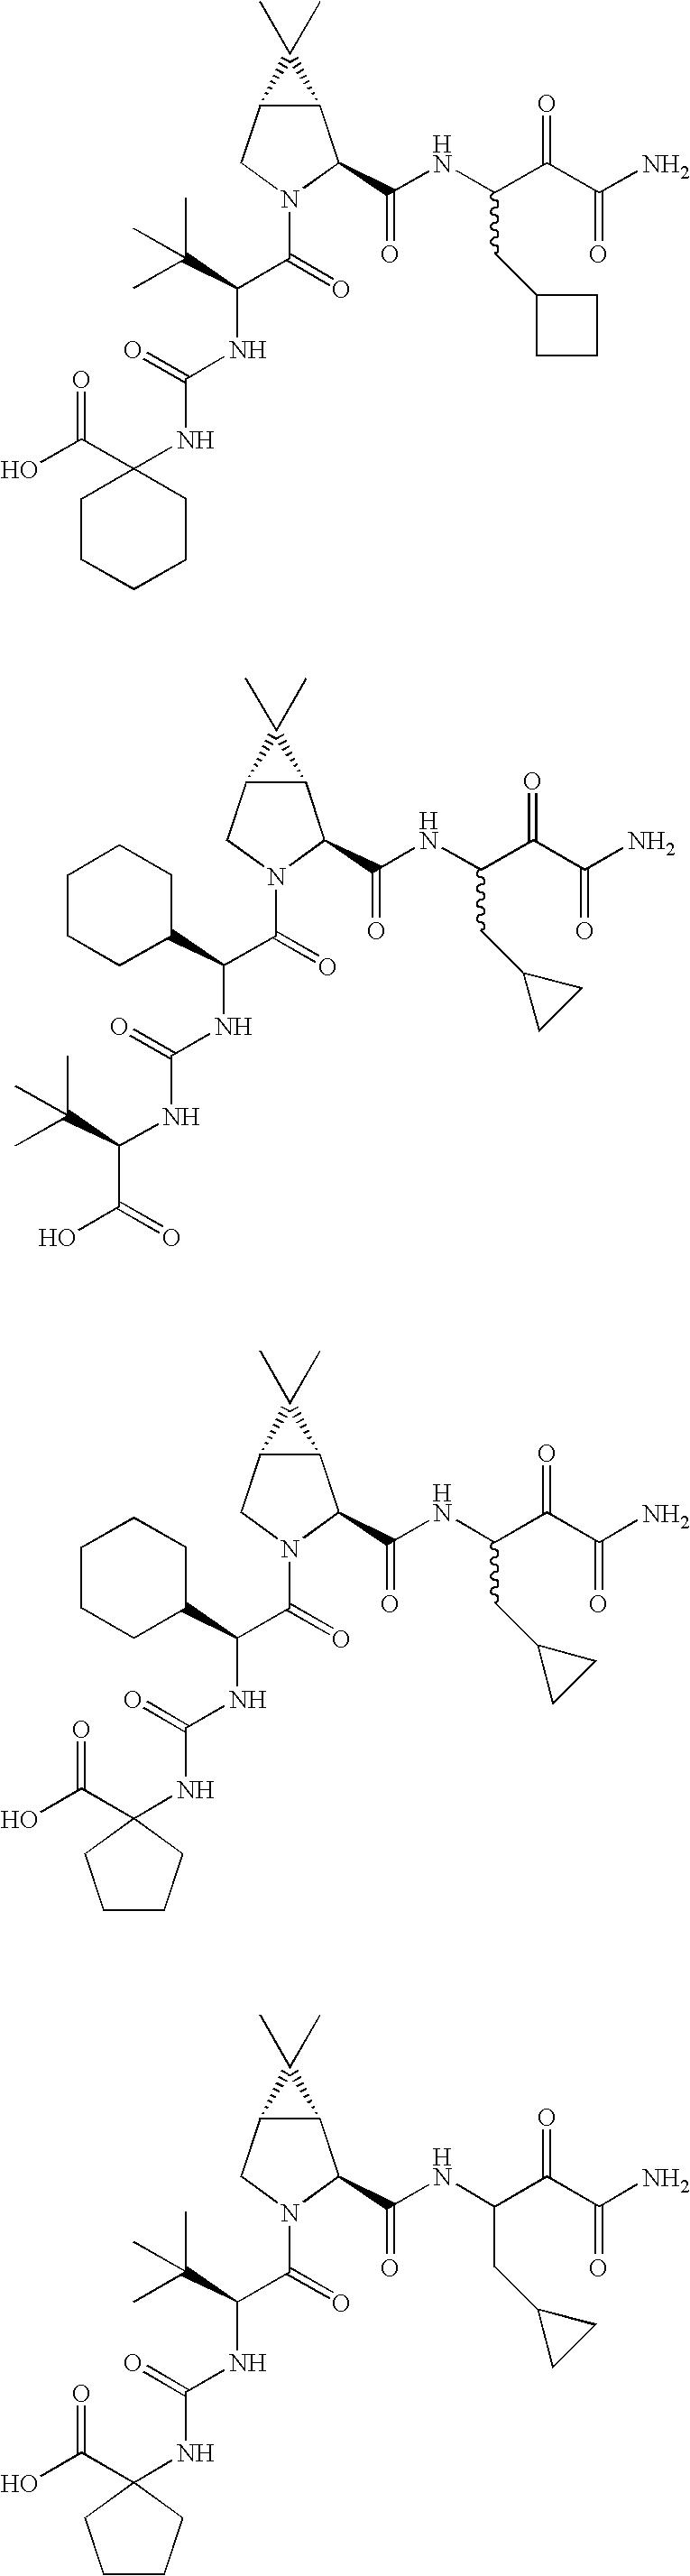 Figure US20060287248A1-20061221-C00302